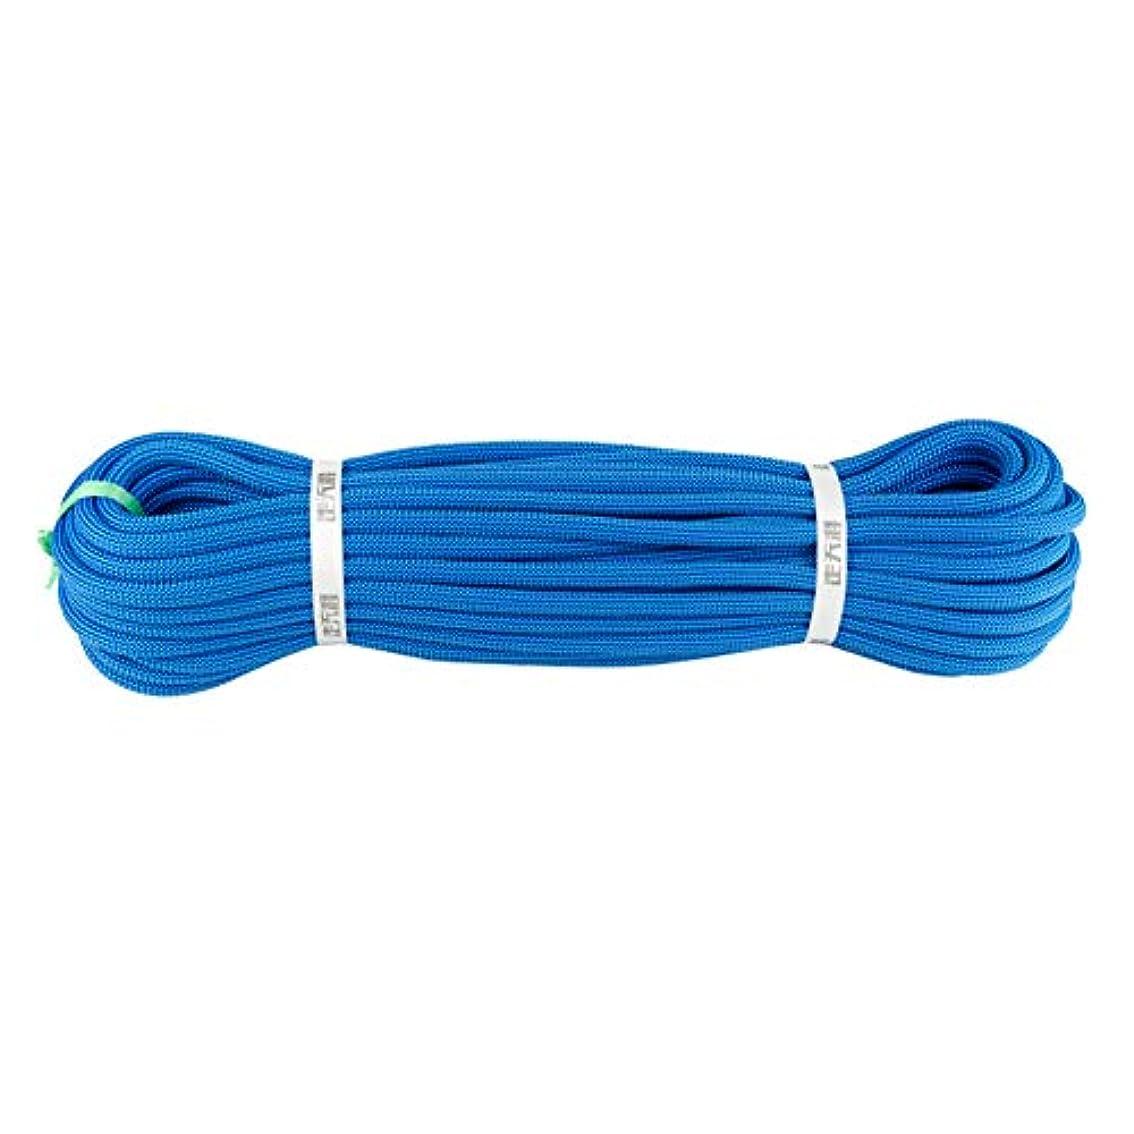 ぺディカブ色合い二層10.5ミリメートルロッククライミングロープ、火災エスケープ安全救助ラペリングロープキャンプケイビング保護電源ロープ耐摩耗性実用ロープ,Blue,80m